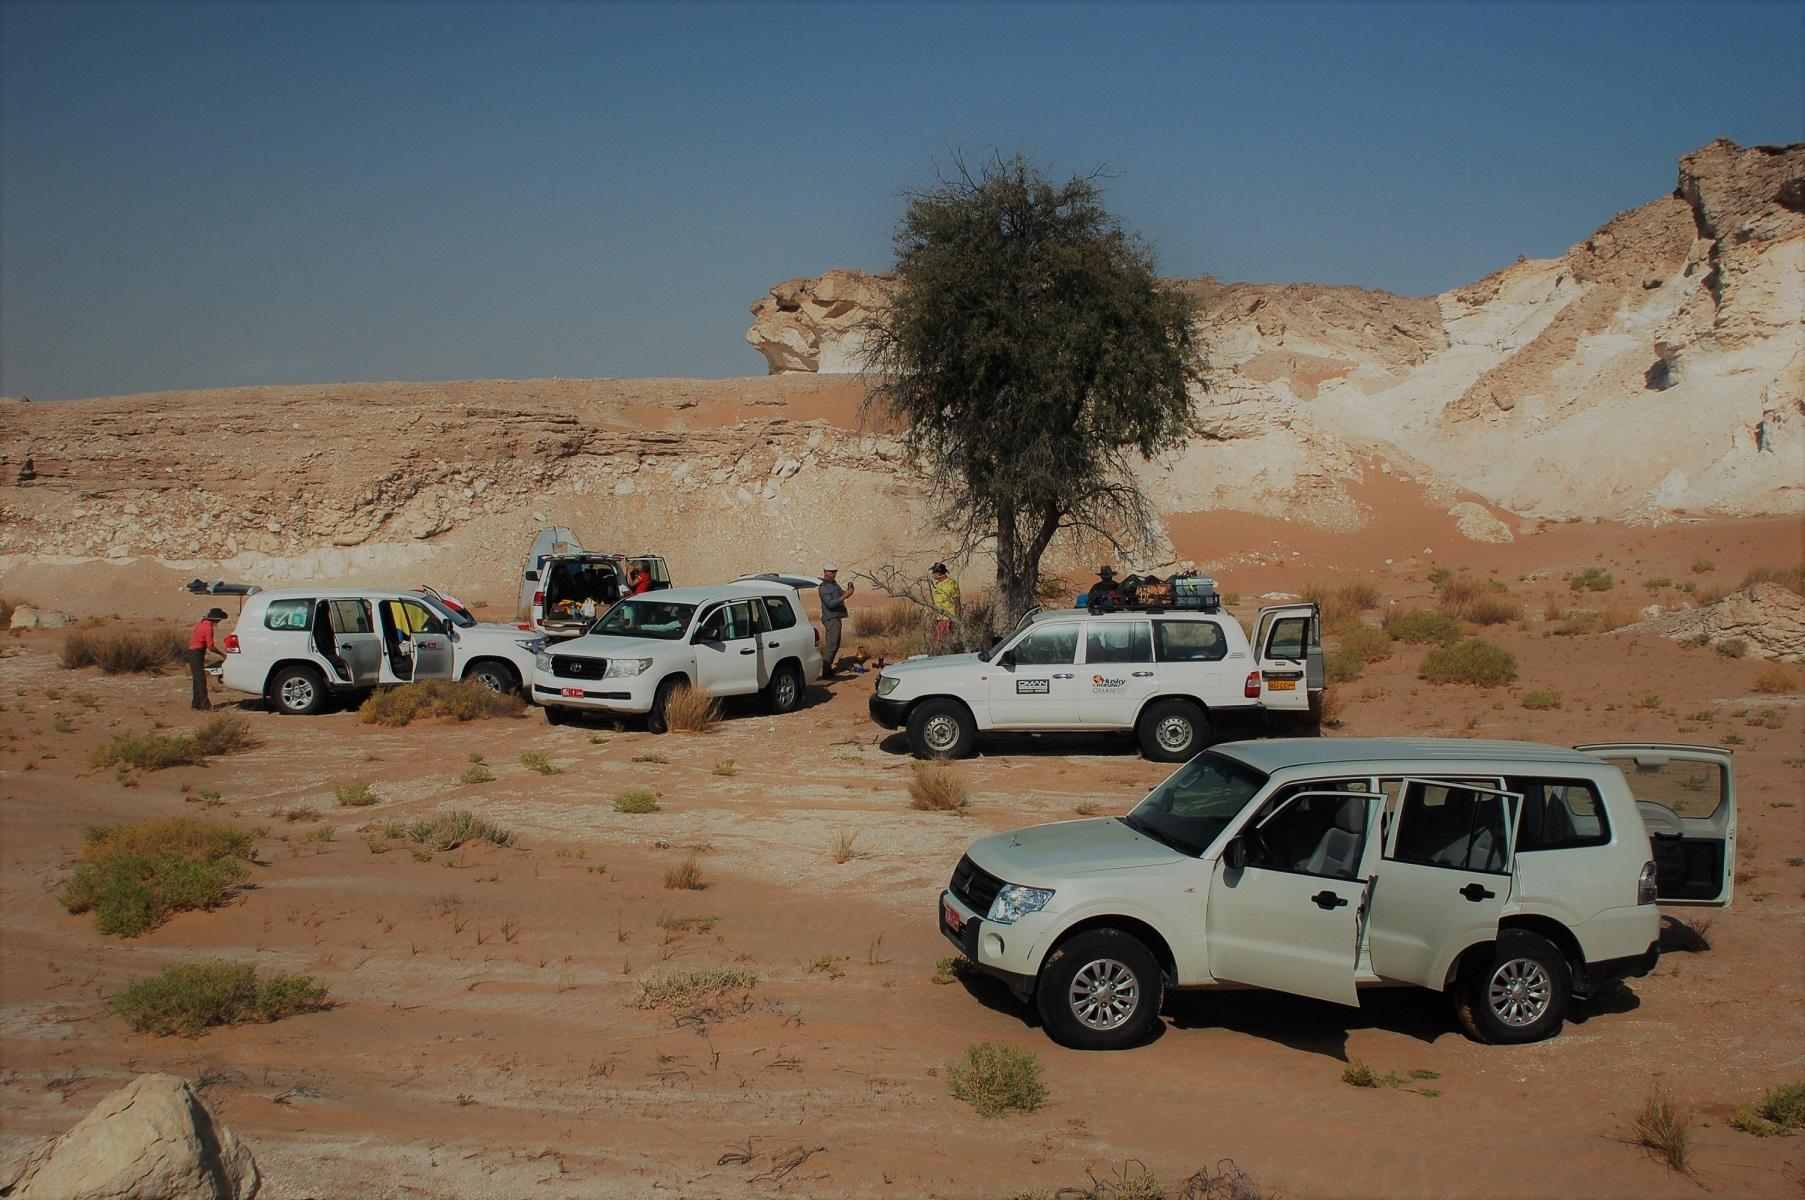 Oman - Der Platz ist malerisch nur Schatten gibt es nirgends